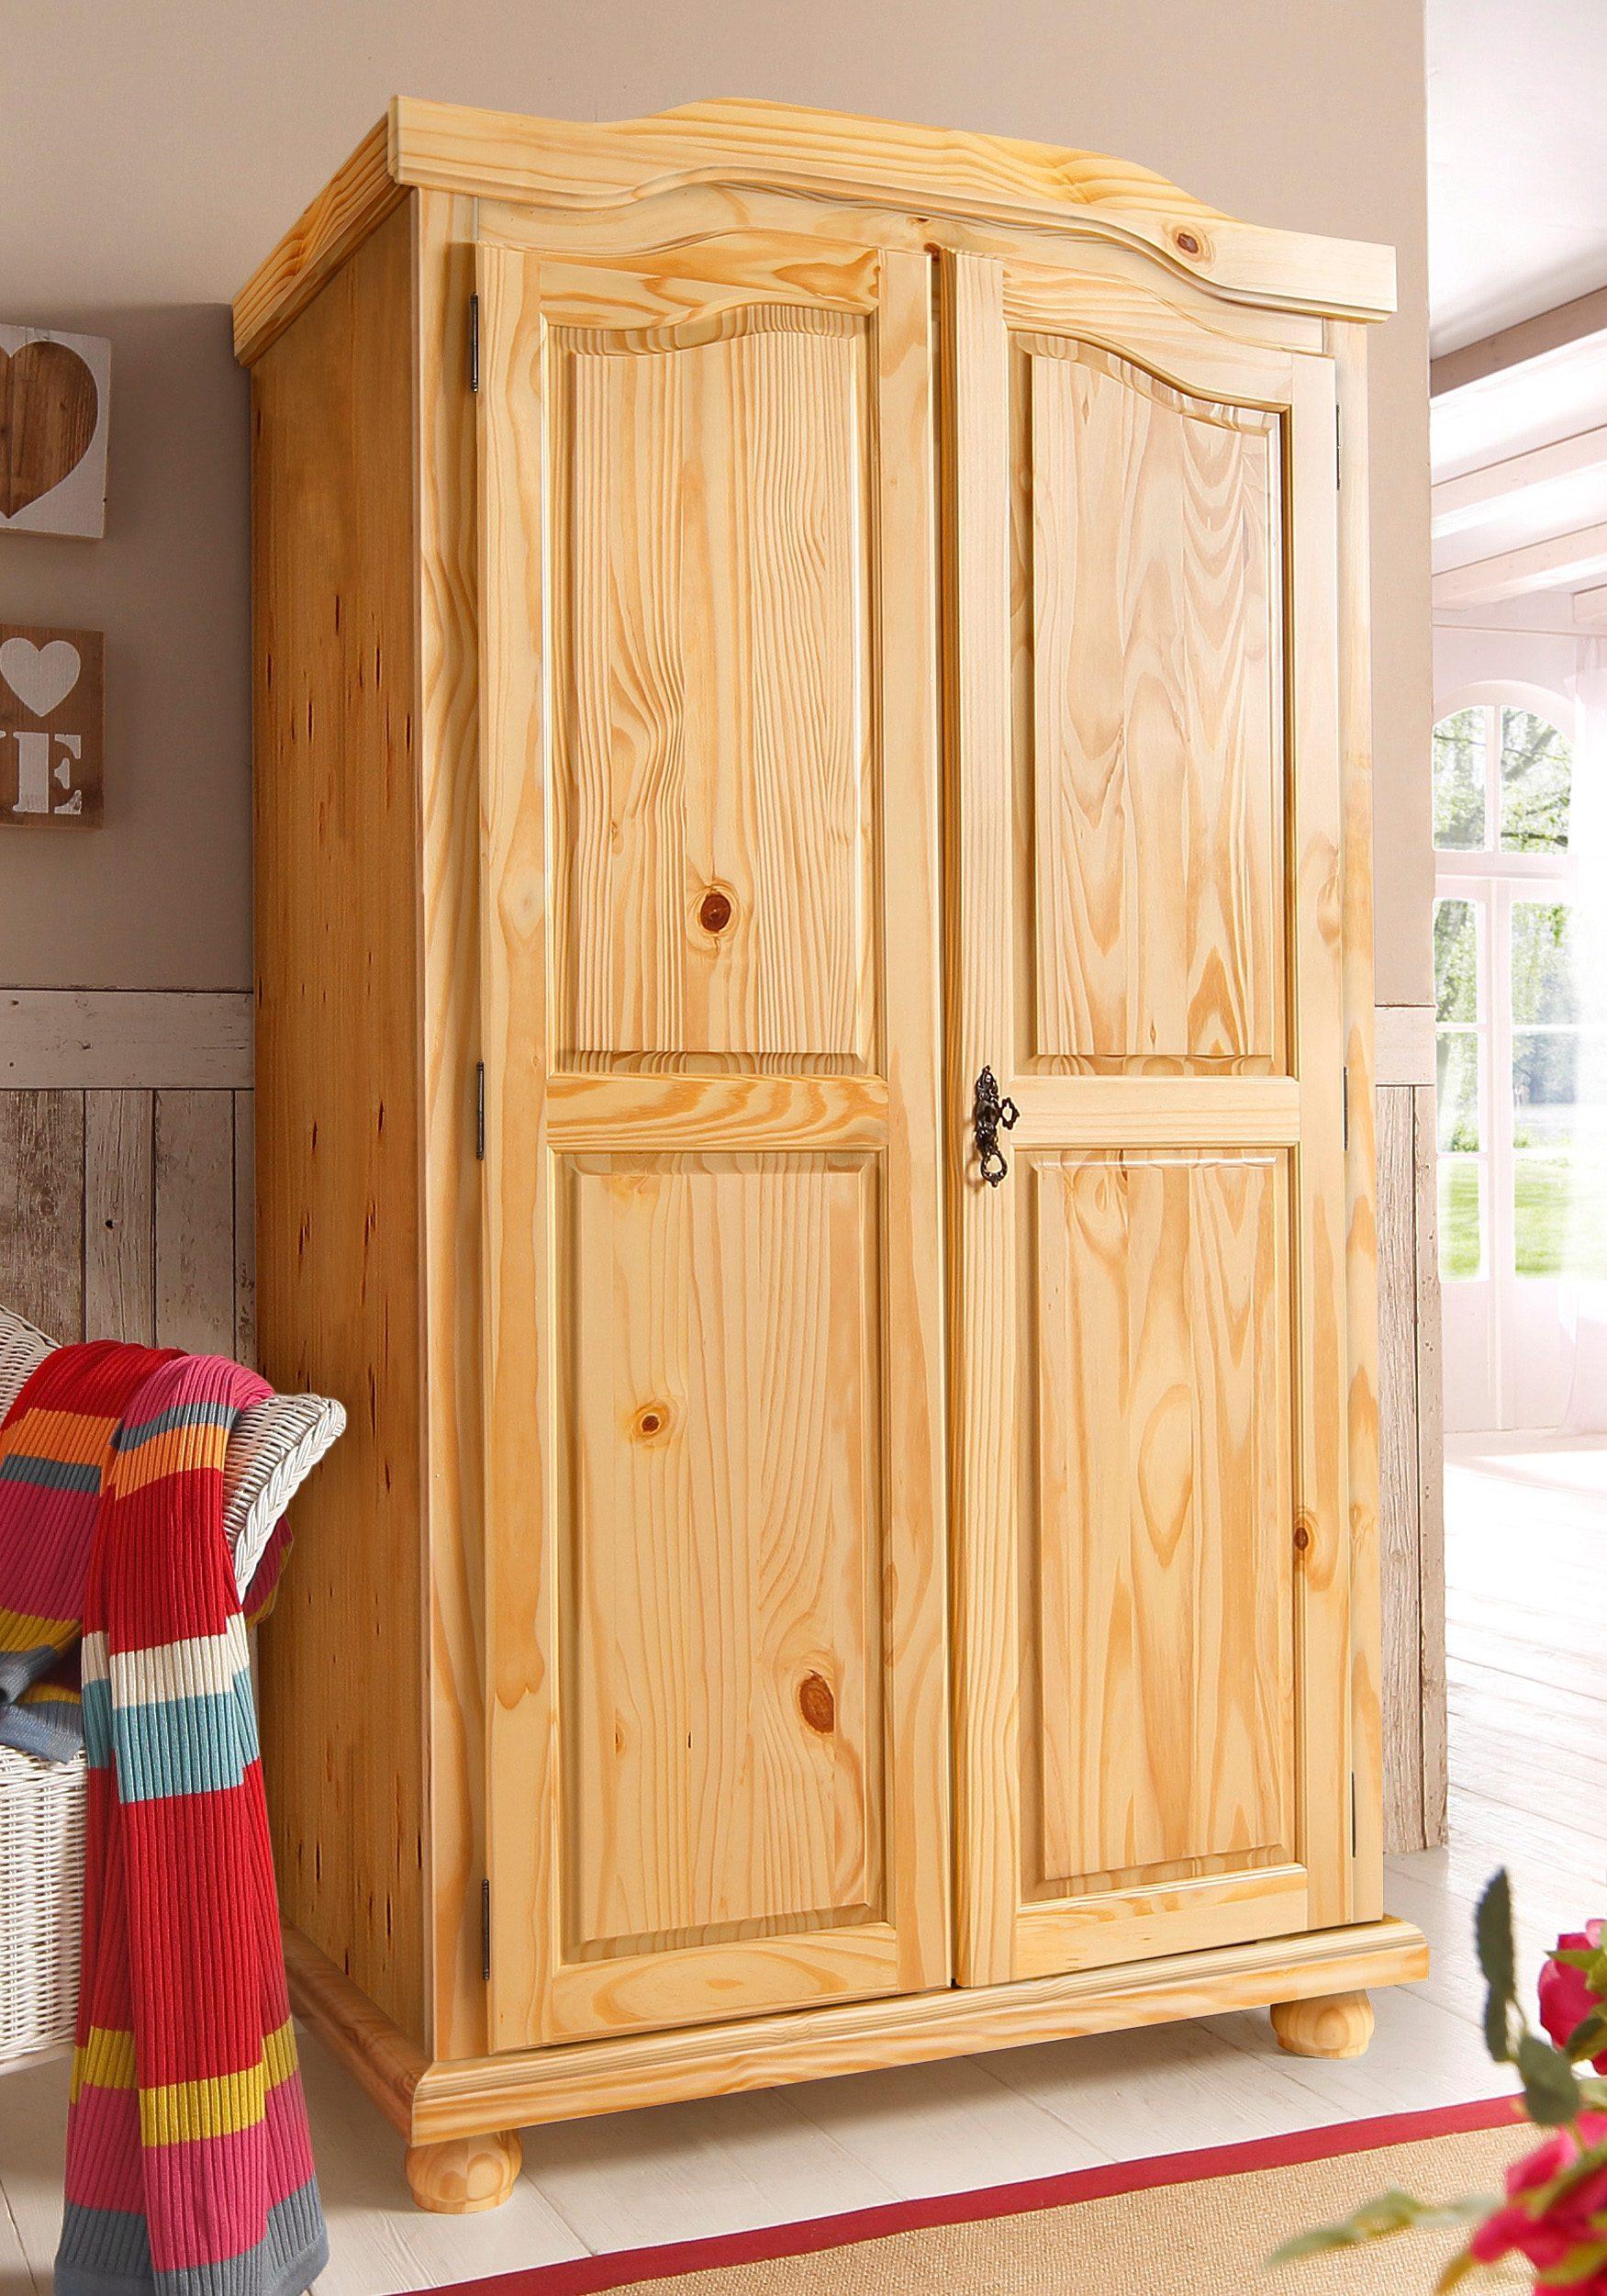 home affaire kleiderschrank hedda auf rechnung kaufen baur. Black Bedroom Furniture Sets. Home Design Ideas